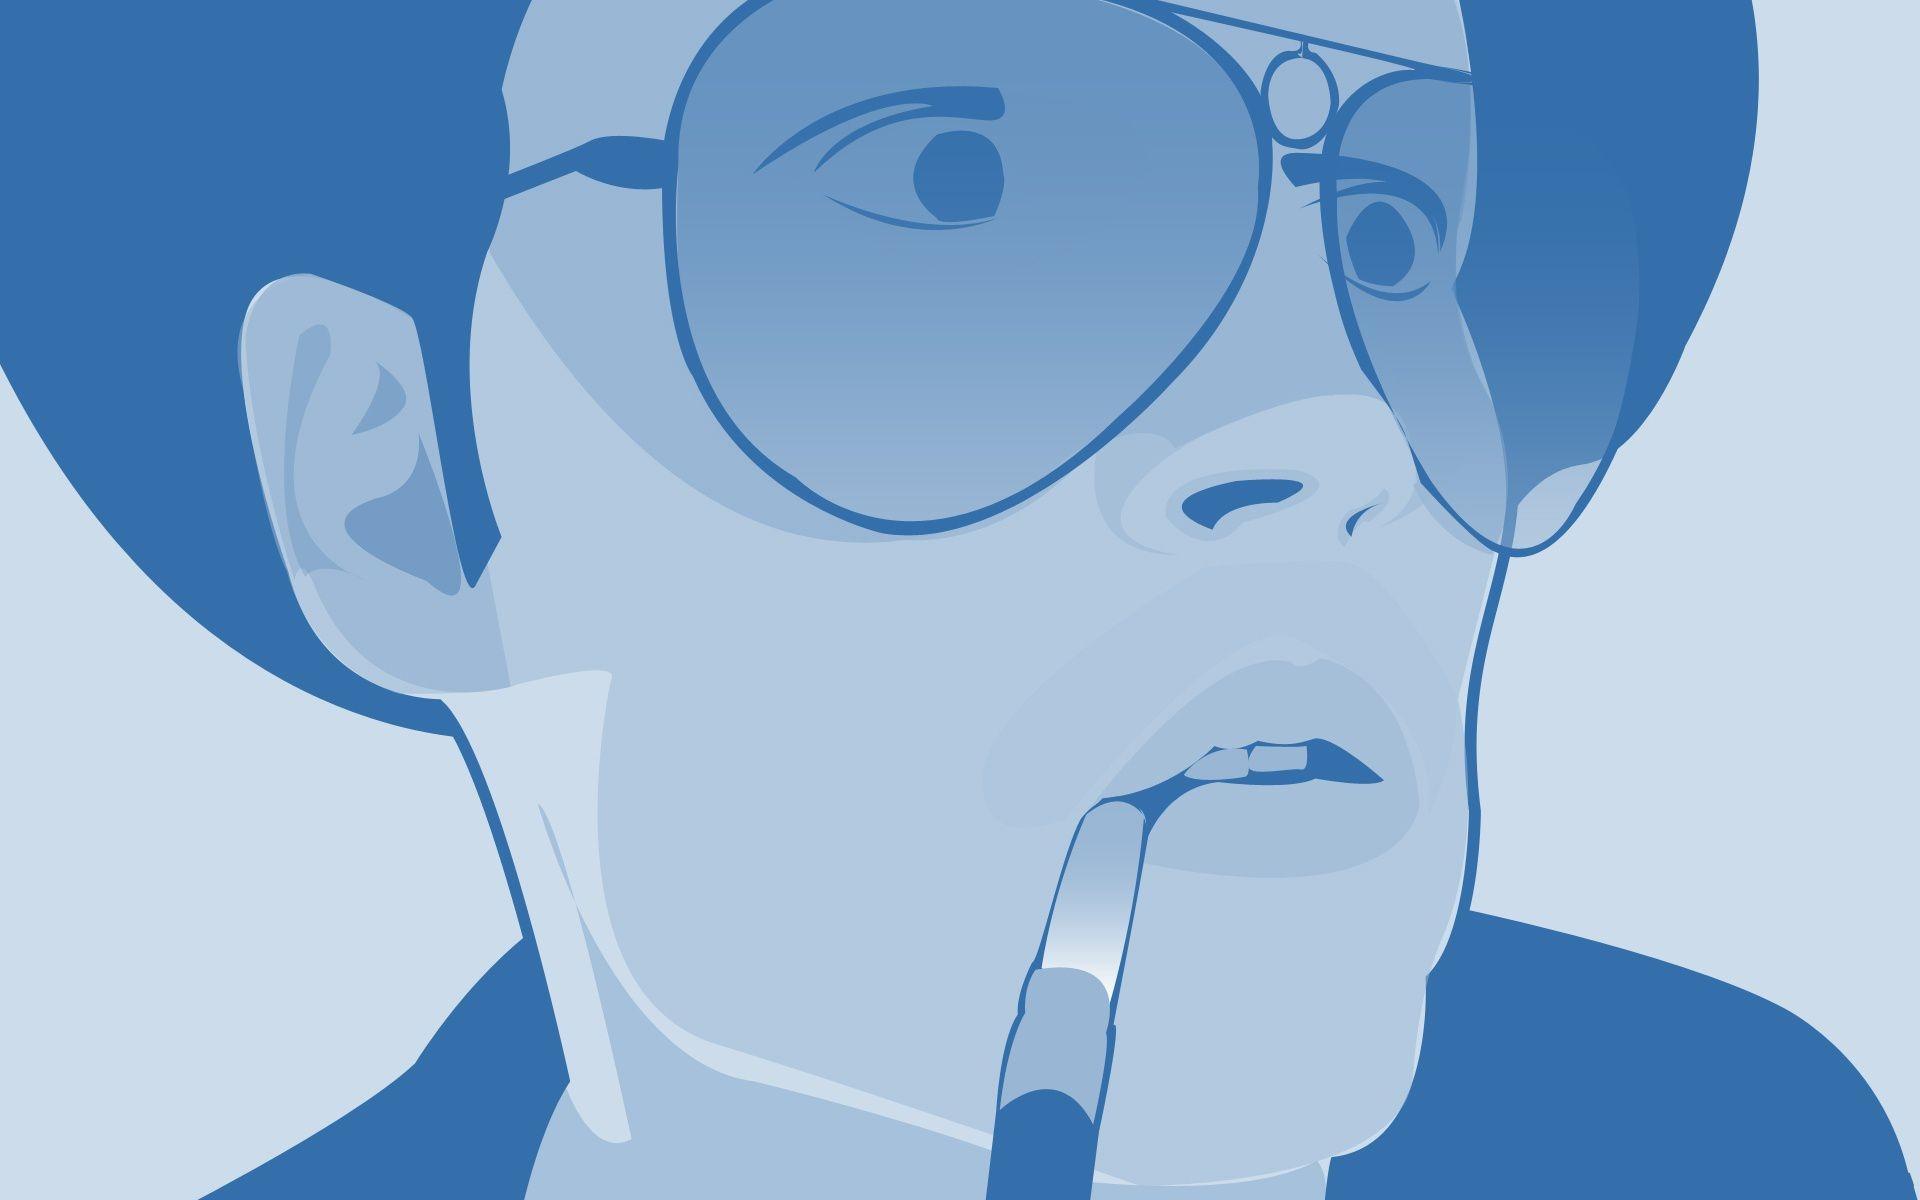 Sfondi : viso disegno illustrazione bicchieri cartone animato